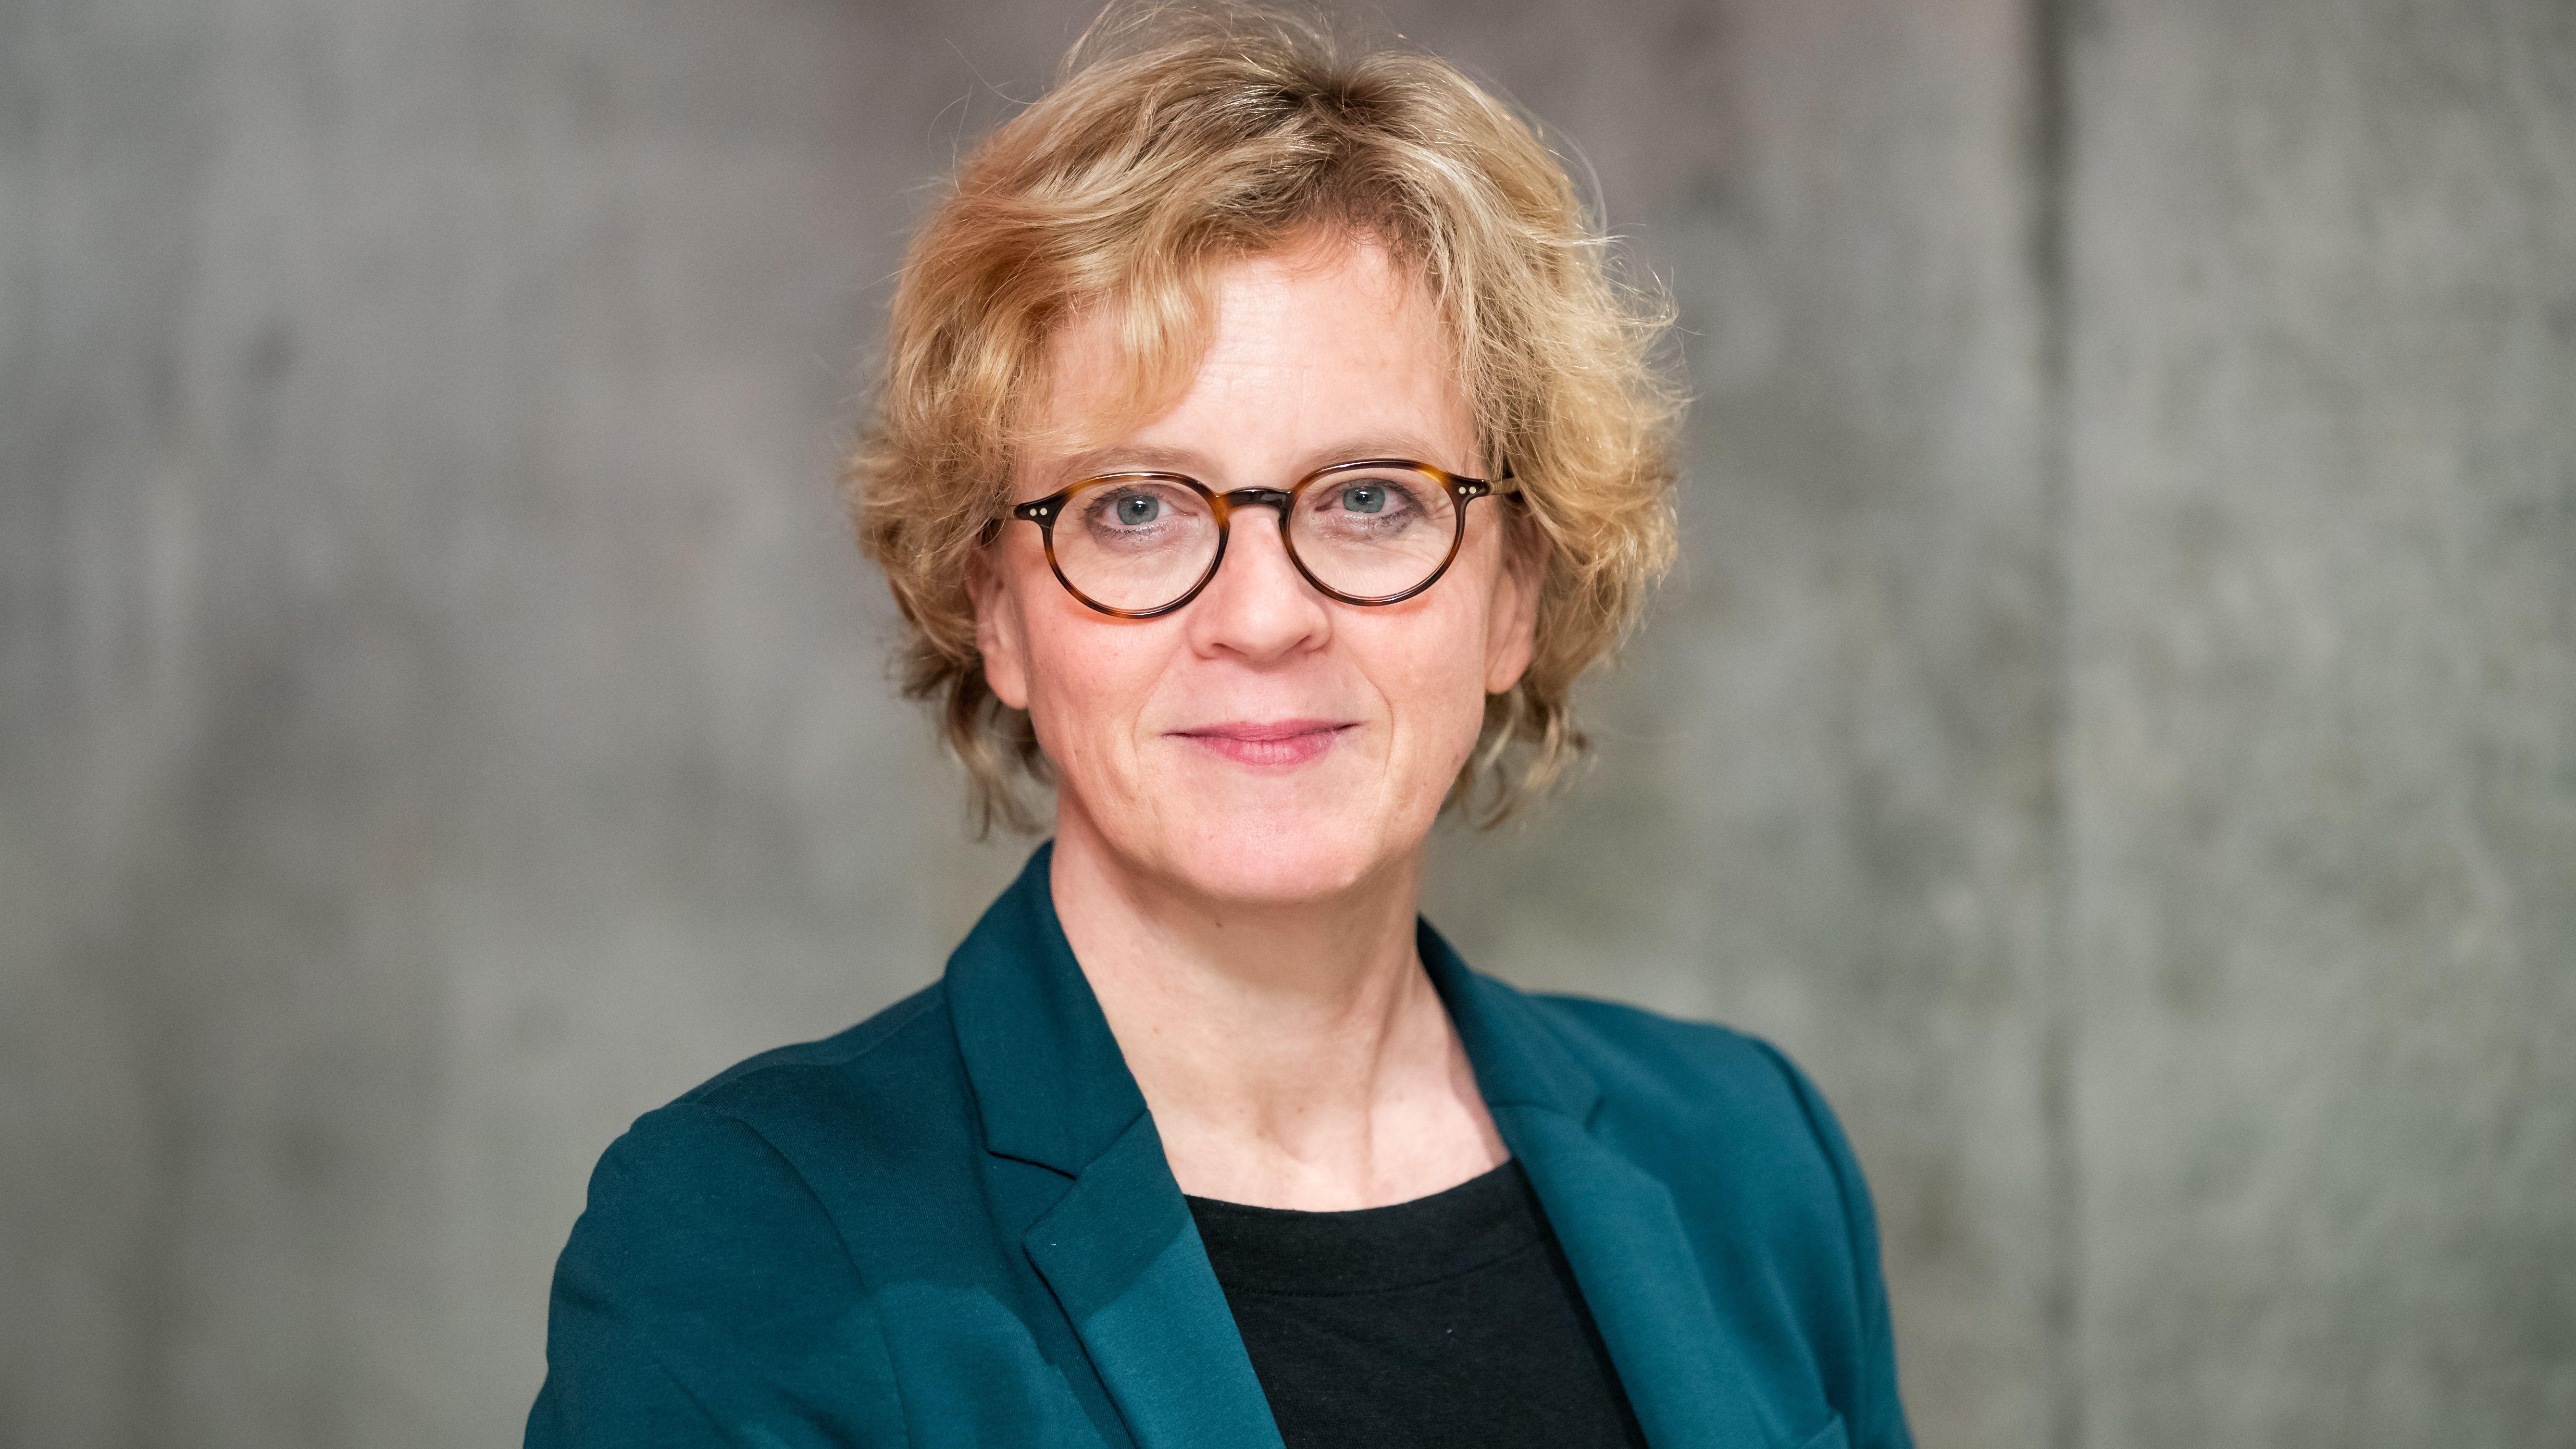 Natascha Kohnen, Landesvorsitzende der Bayern-SPD